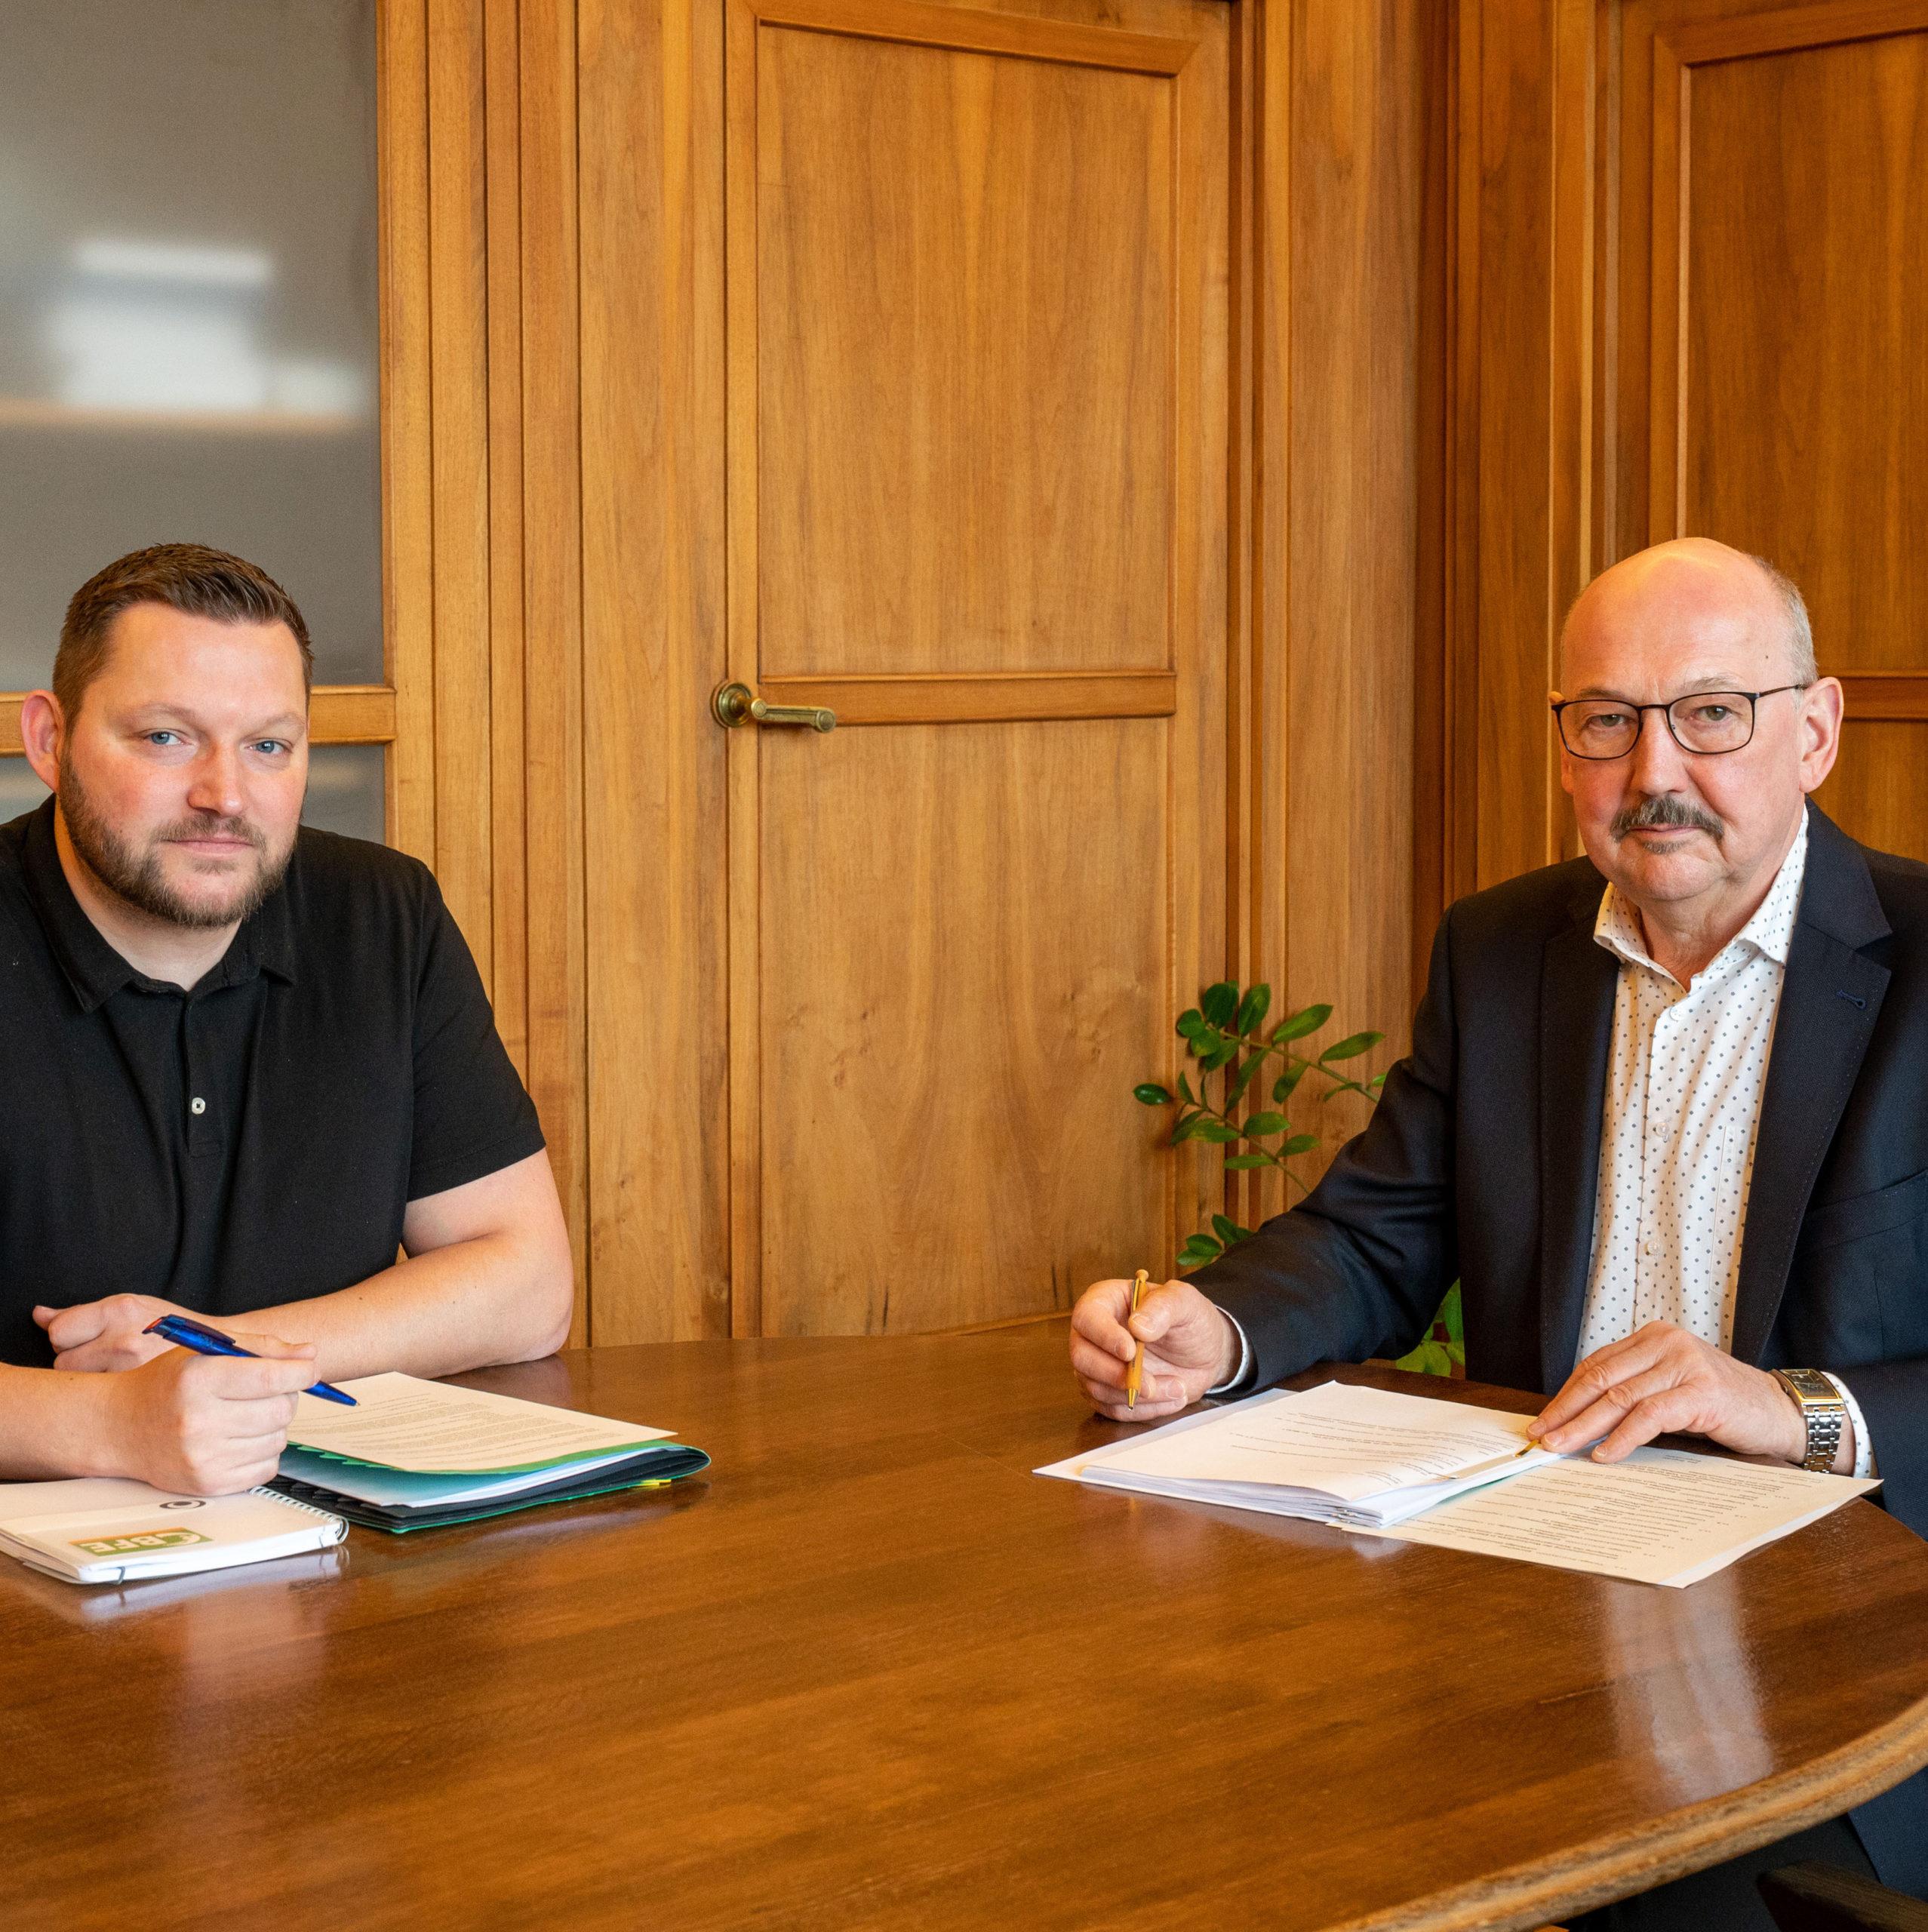 Besprechung als erster politischer Ansprechpartner mit Bürgermeister Friedhelm Boginski während der Pandemie. Foto: Uli Wessollek